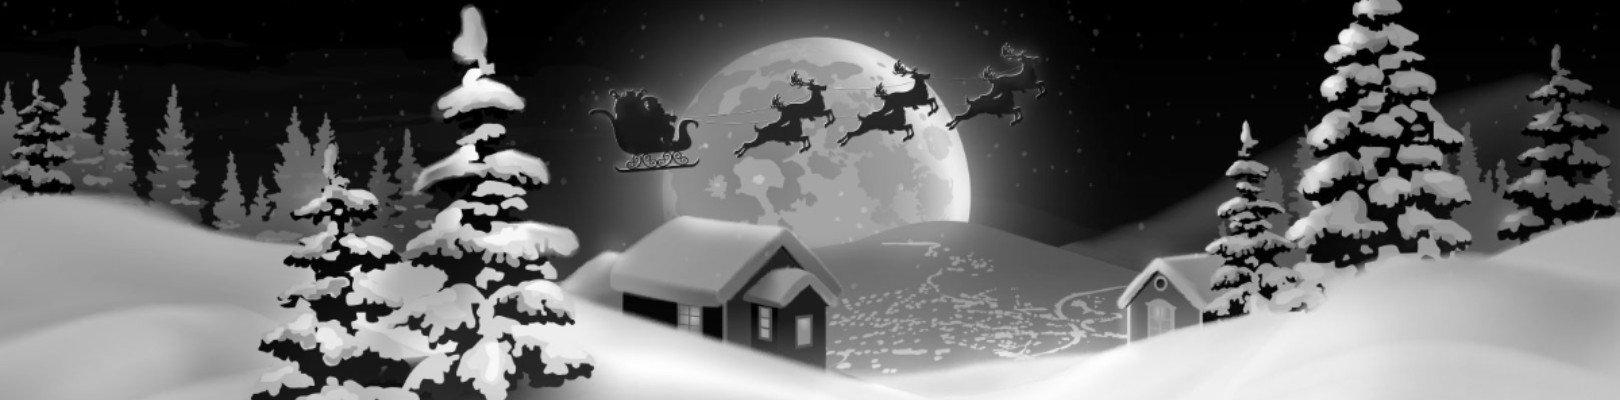 Casinoene flommer over med julebonuser til deg